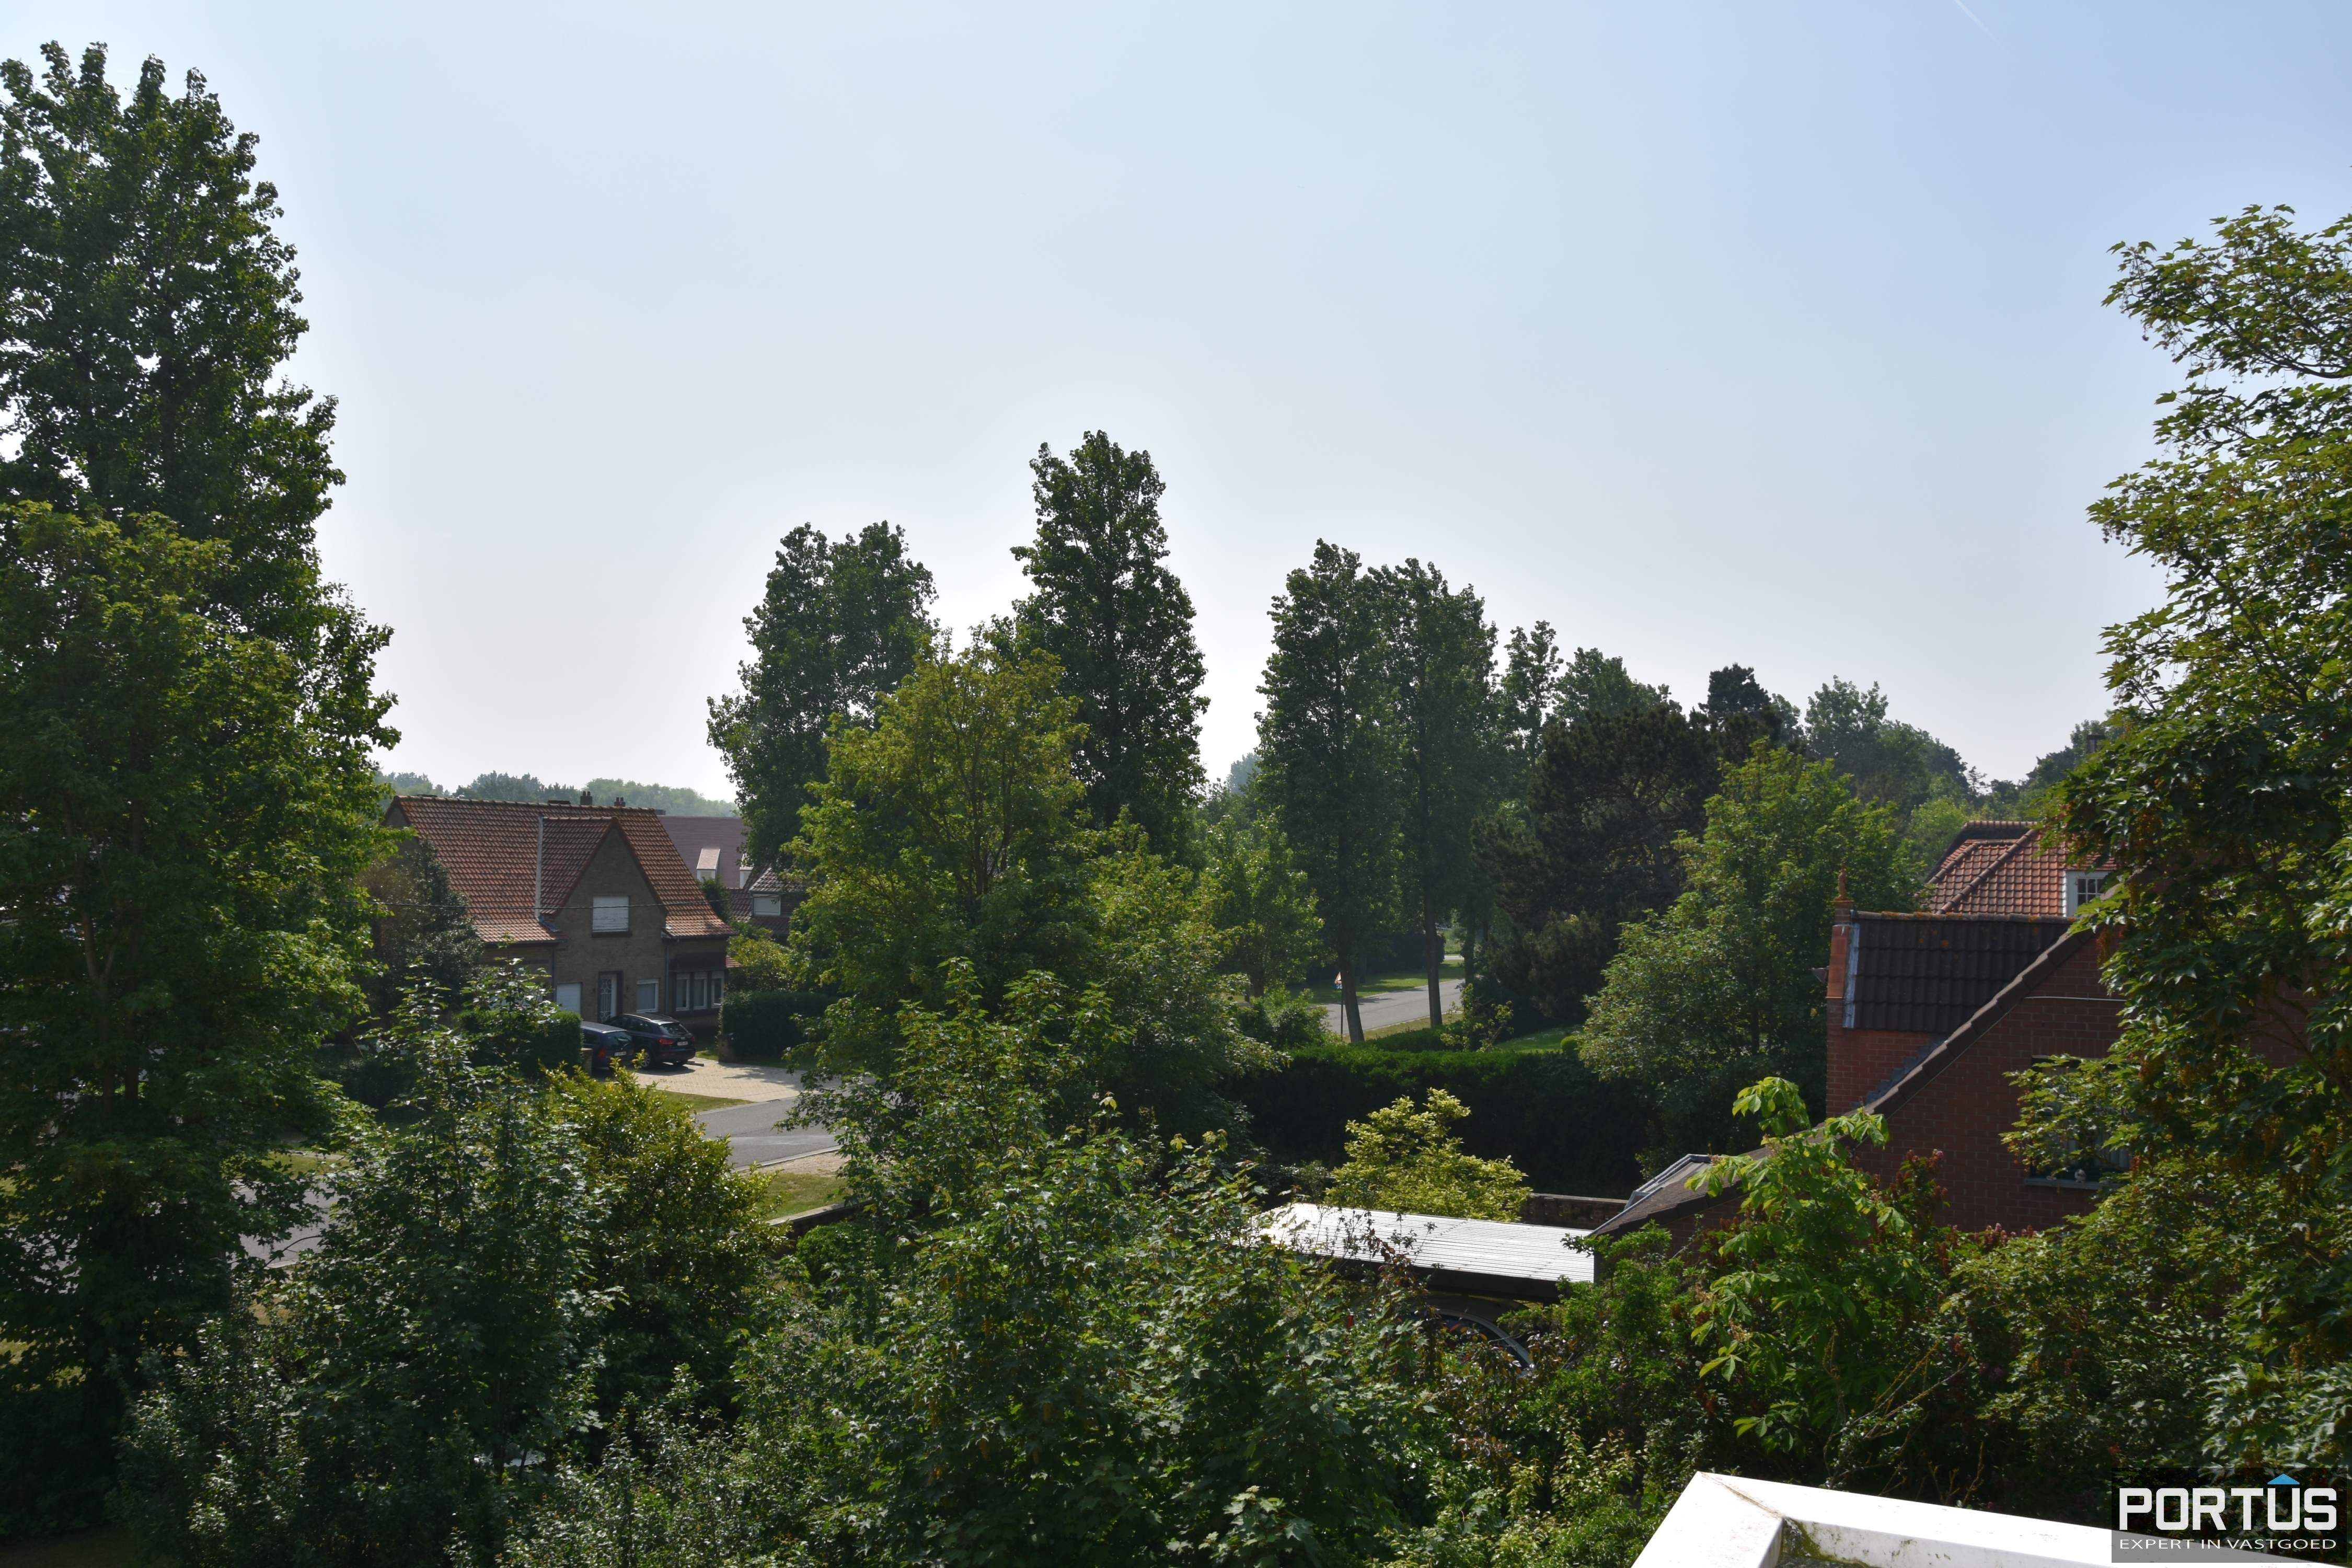 Appartement Residentie Villa Crombez Nieuwpoort - 8400